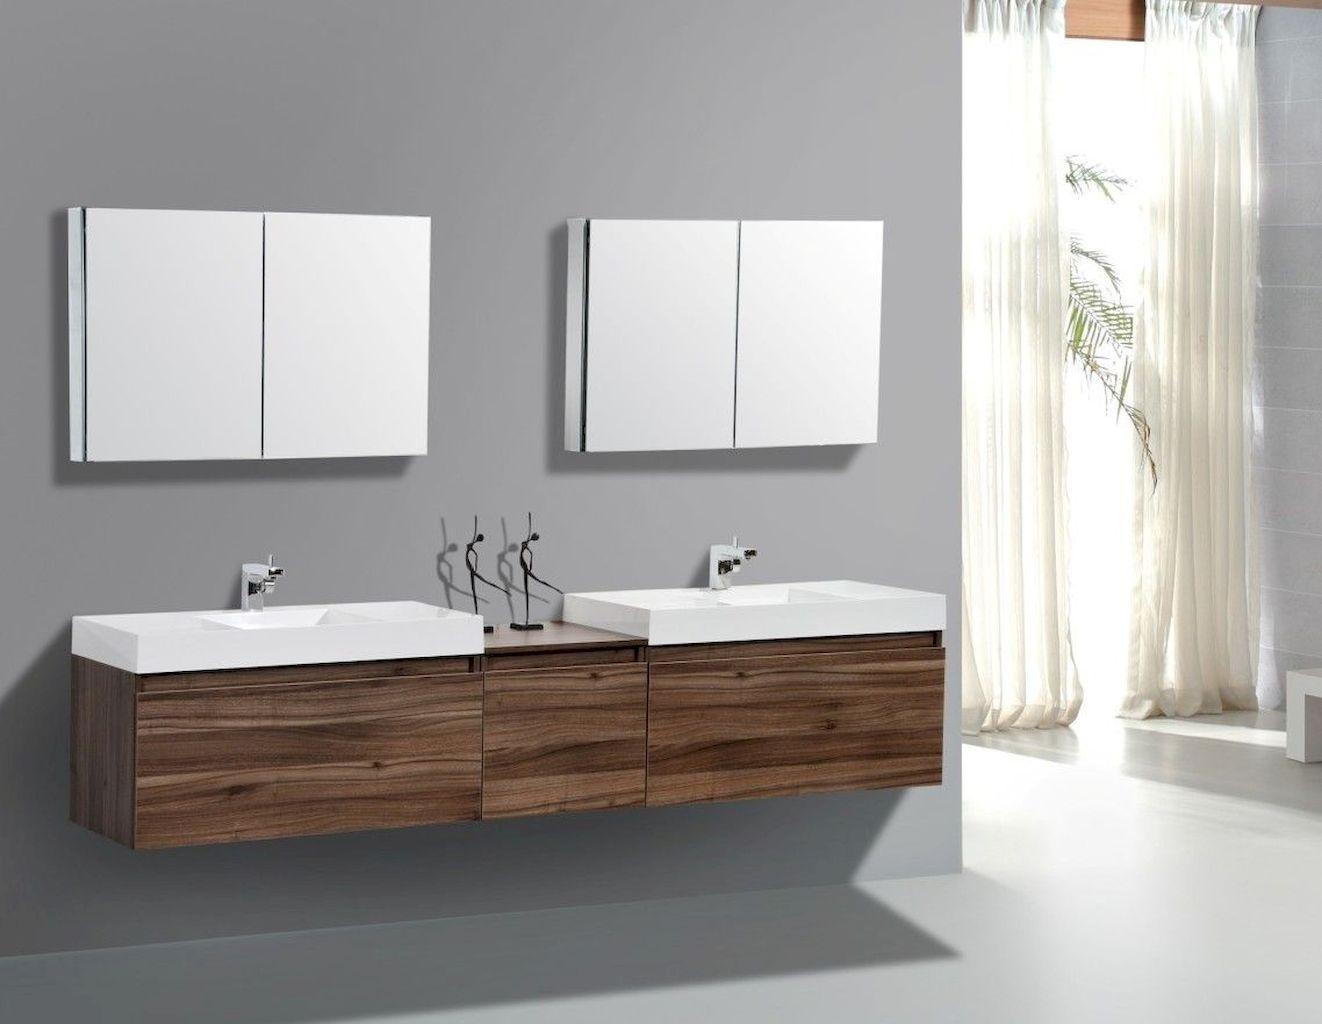 Best Modern Bathroom Ideas - Floating Wooden Vanity  Elonahome